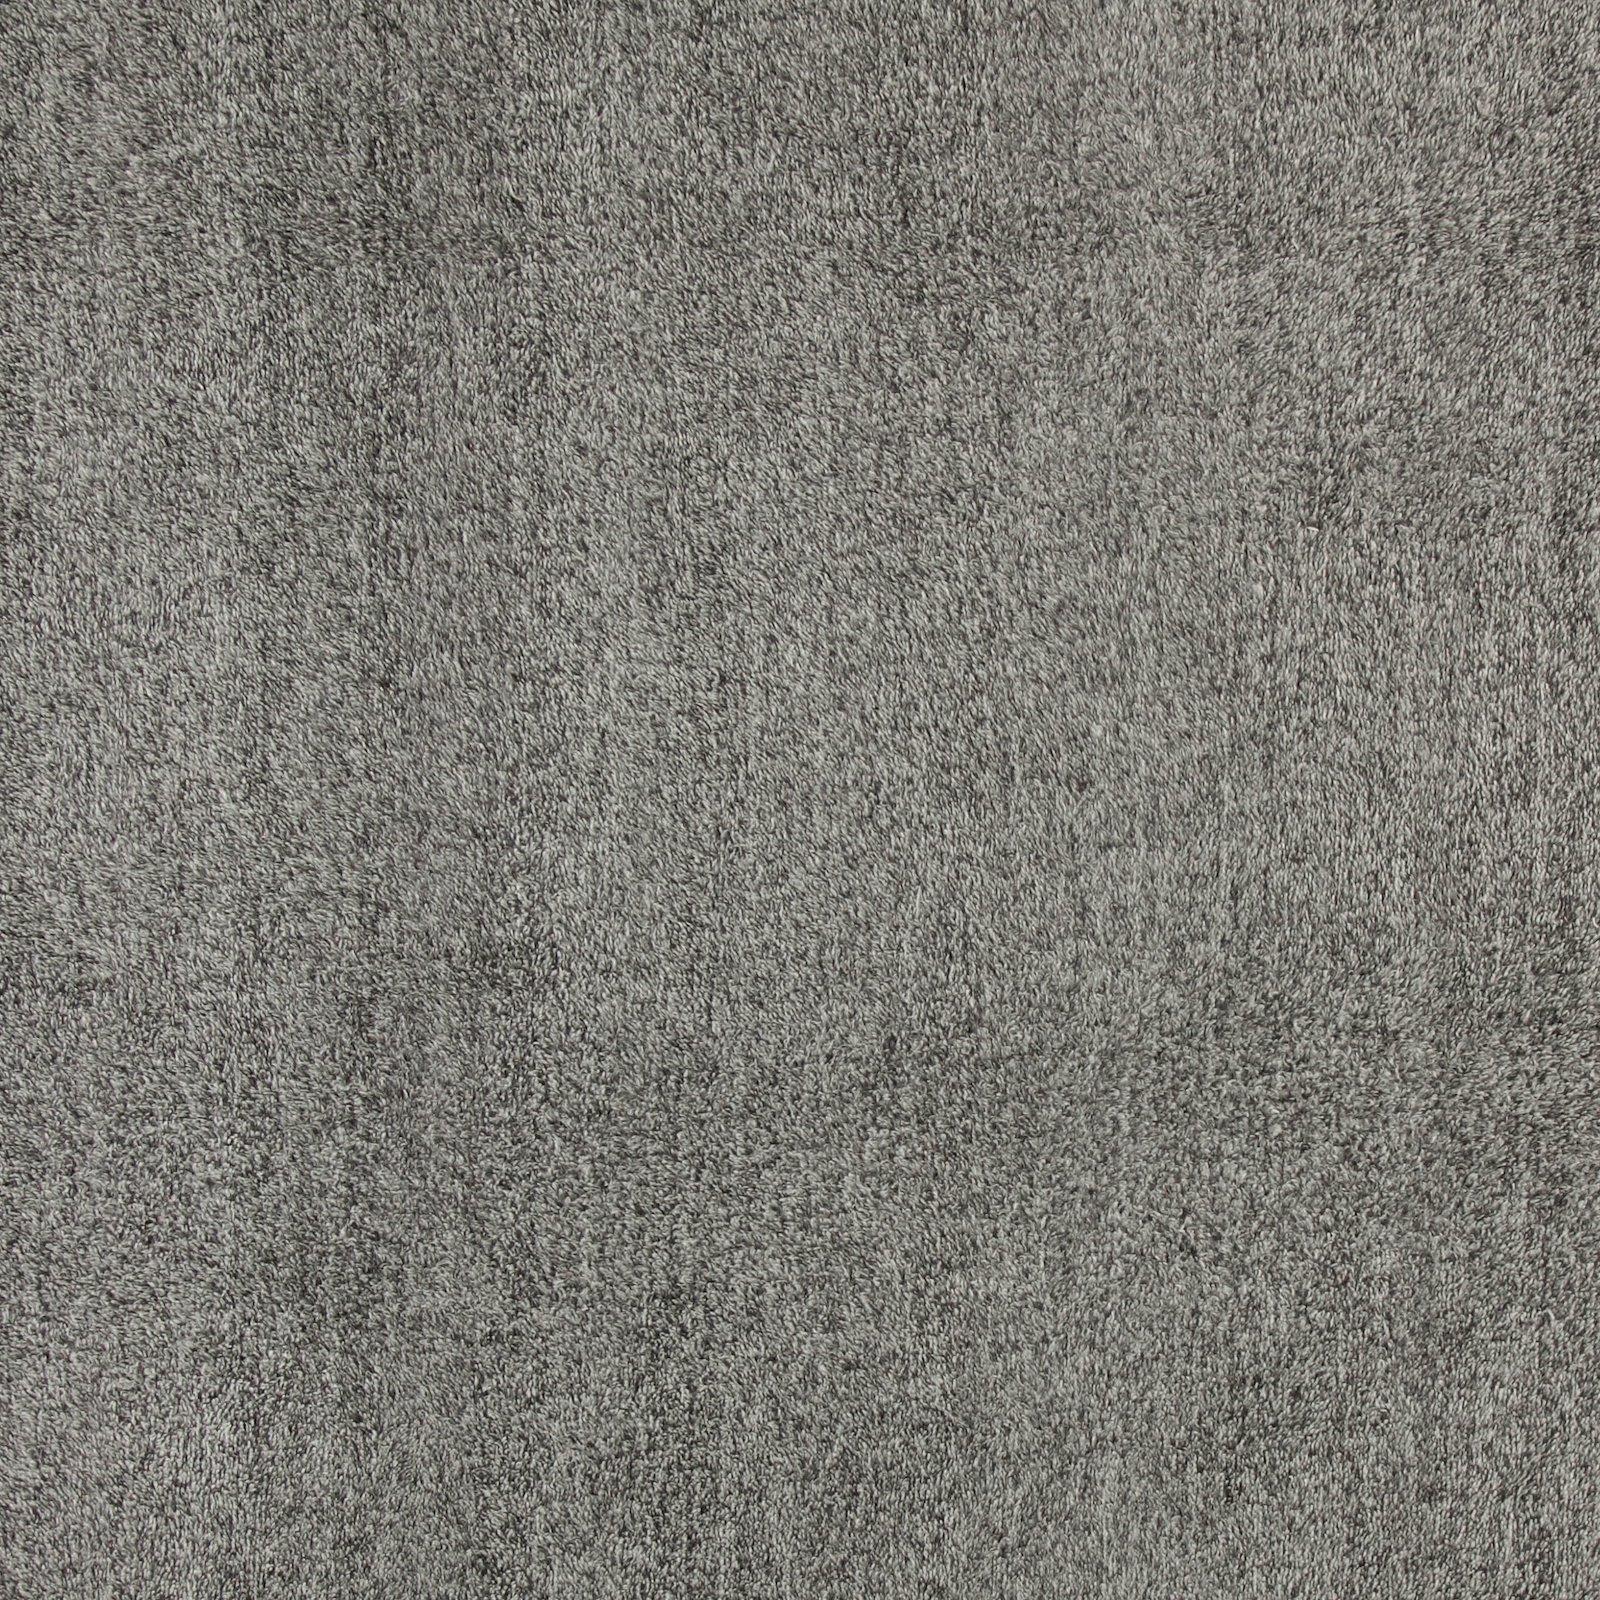 Coral fleece grey melange 220479_pack_solid